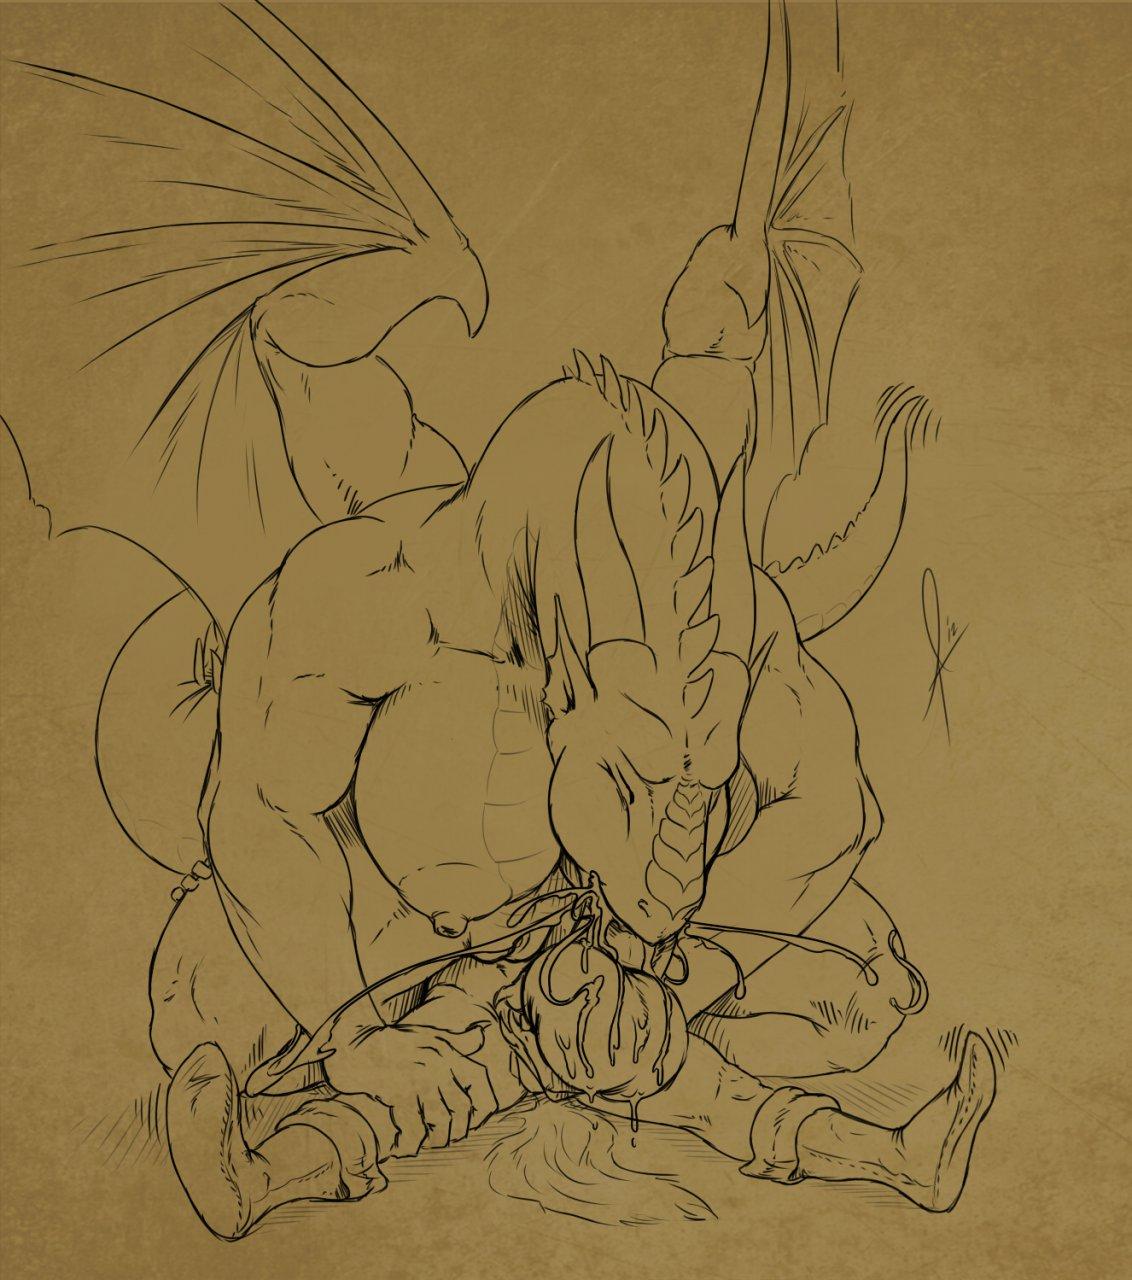 here e621 be there dragons Baka na imouto o rikou ni suru no wa ore no xx dake na ken ni tsuite episode 1